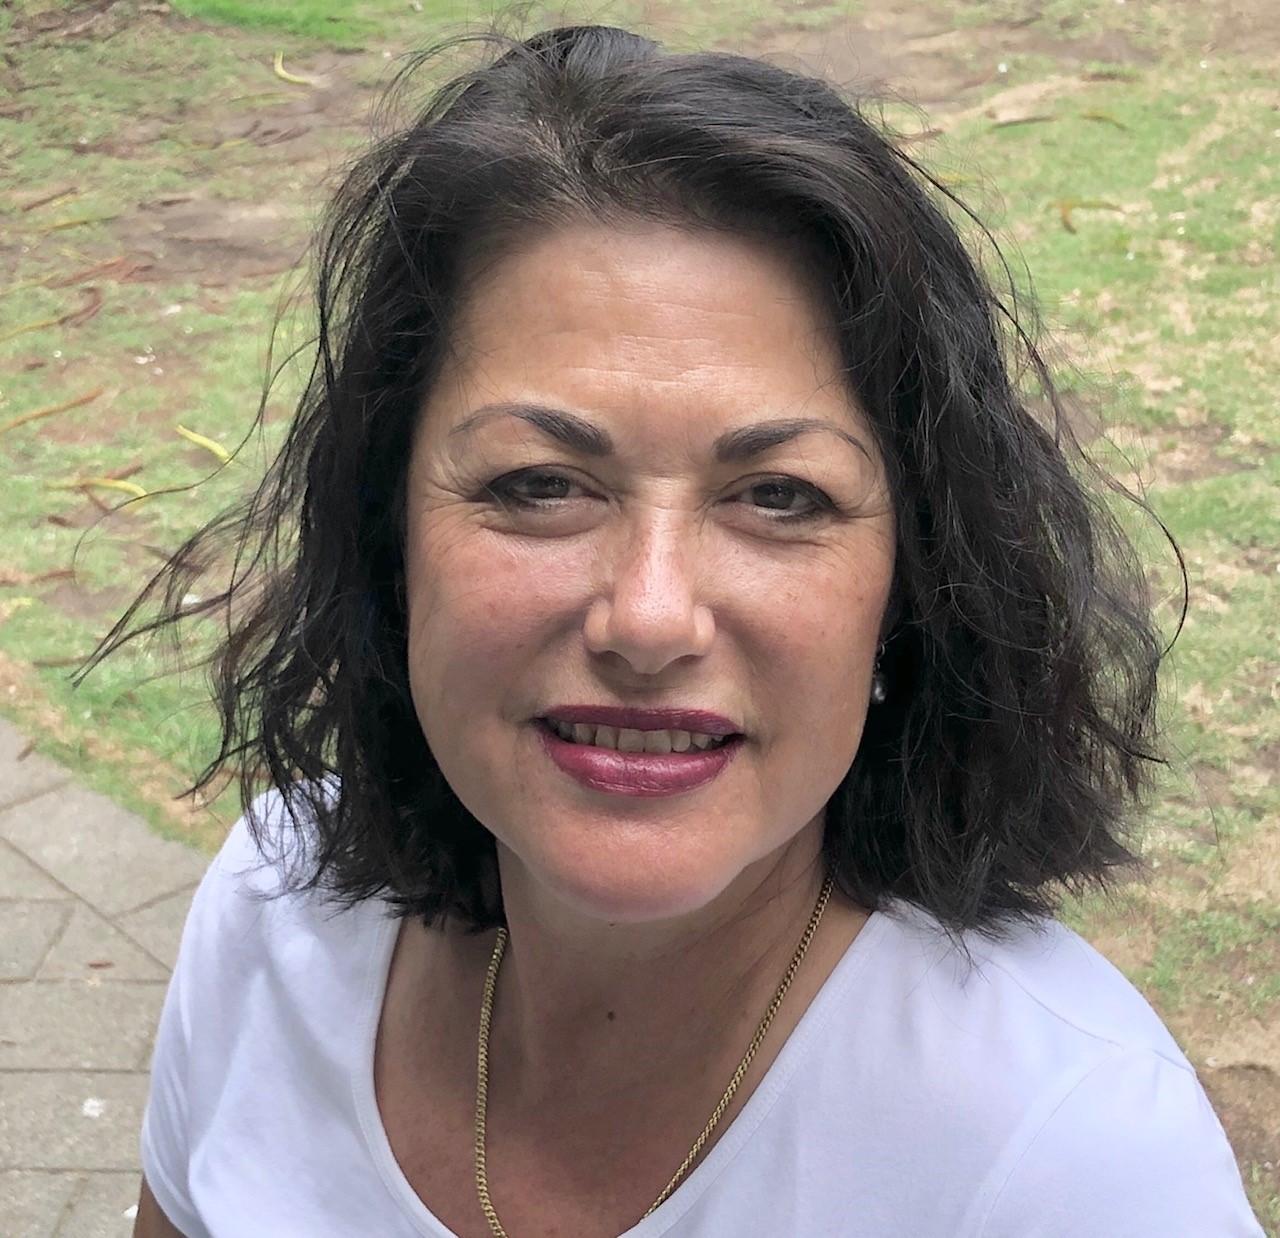 Simone King